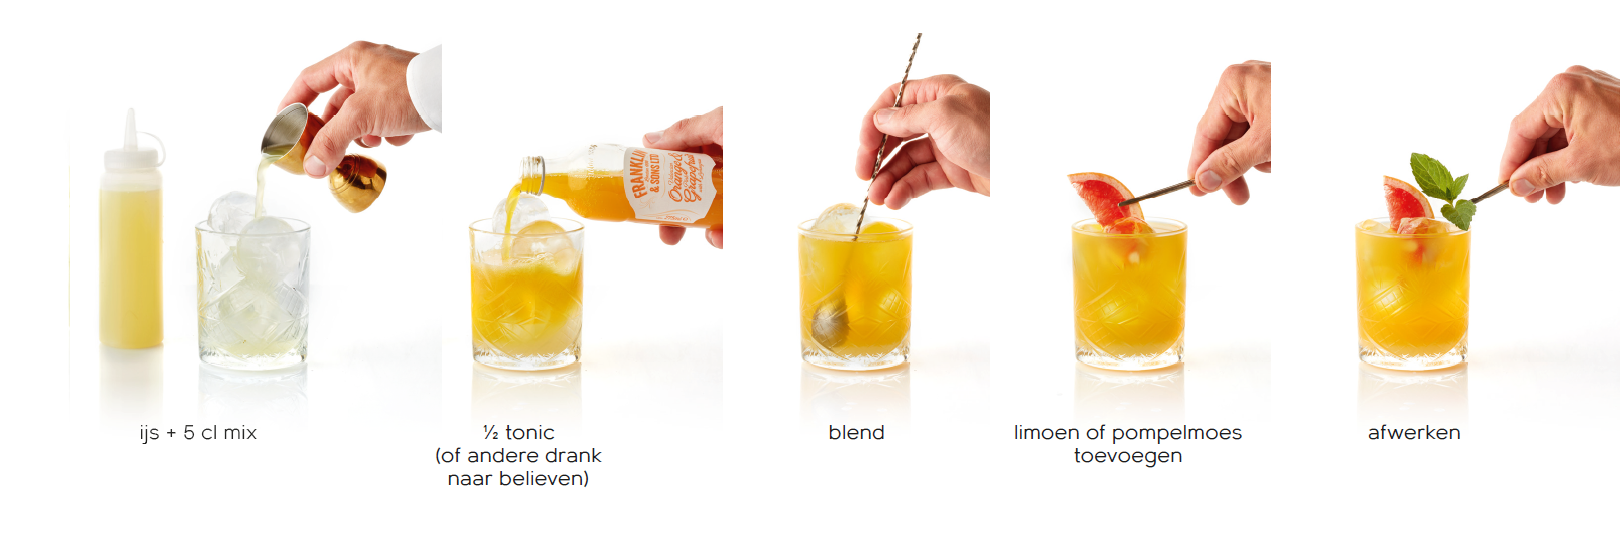 92 Plus - Mocktails voor de professional - De gele mix bereiden - fris non-alcoholisch bittertje